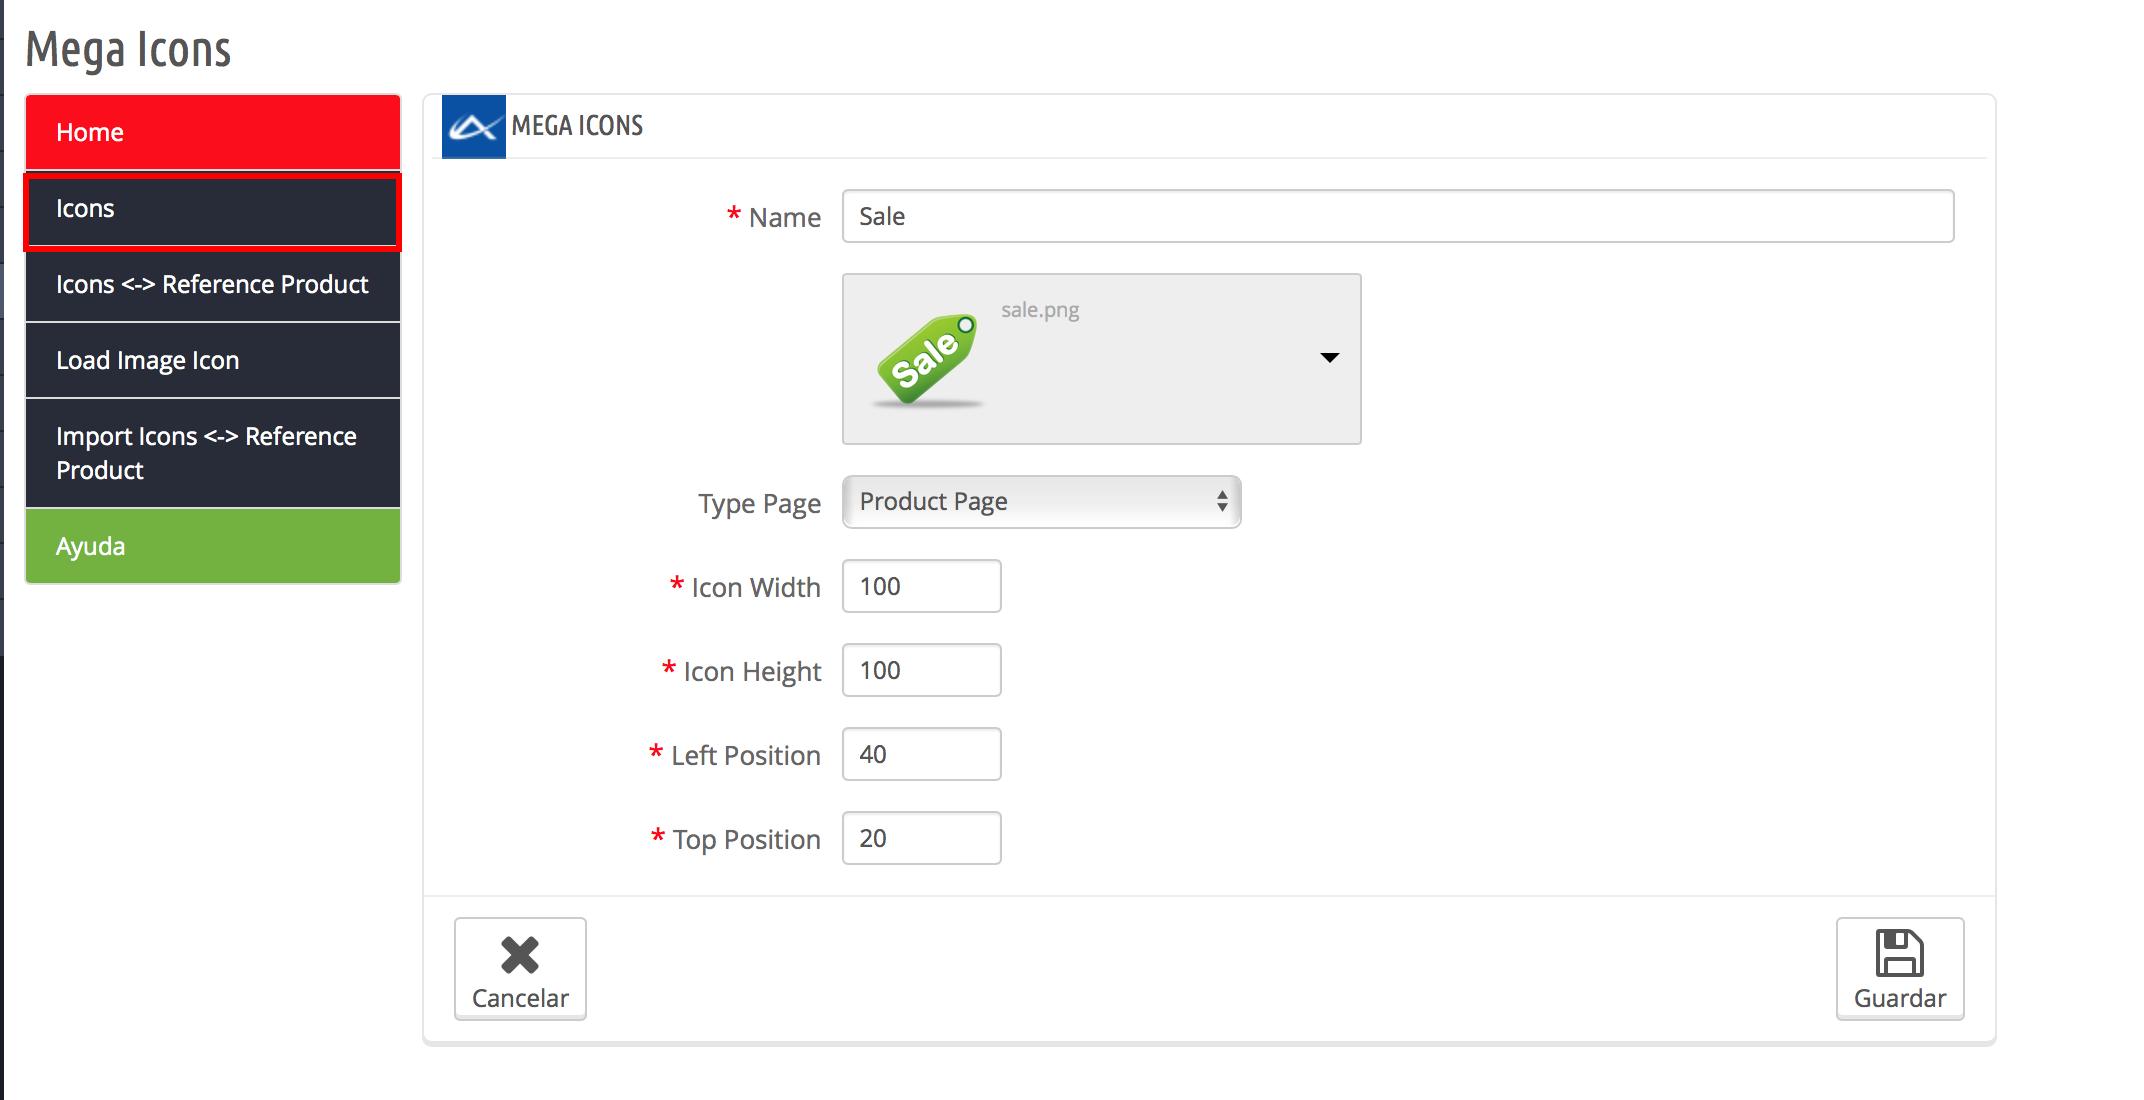 Affiche l'état d'un produit au moyen d'icônes